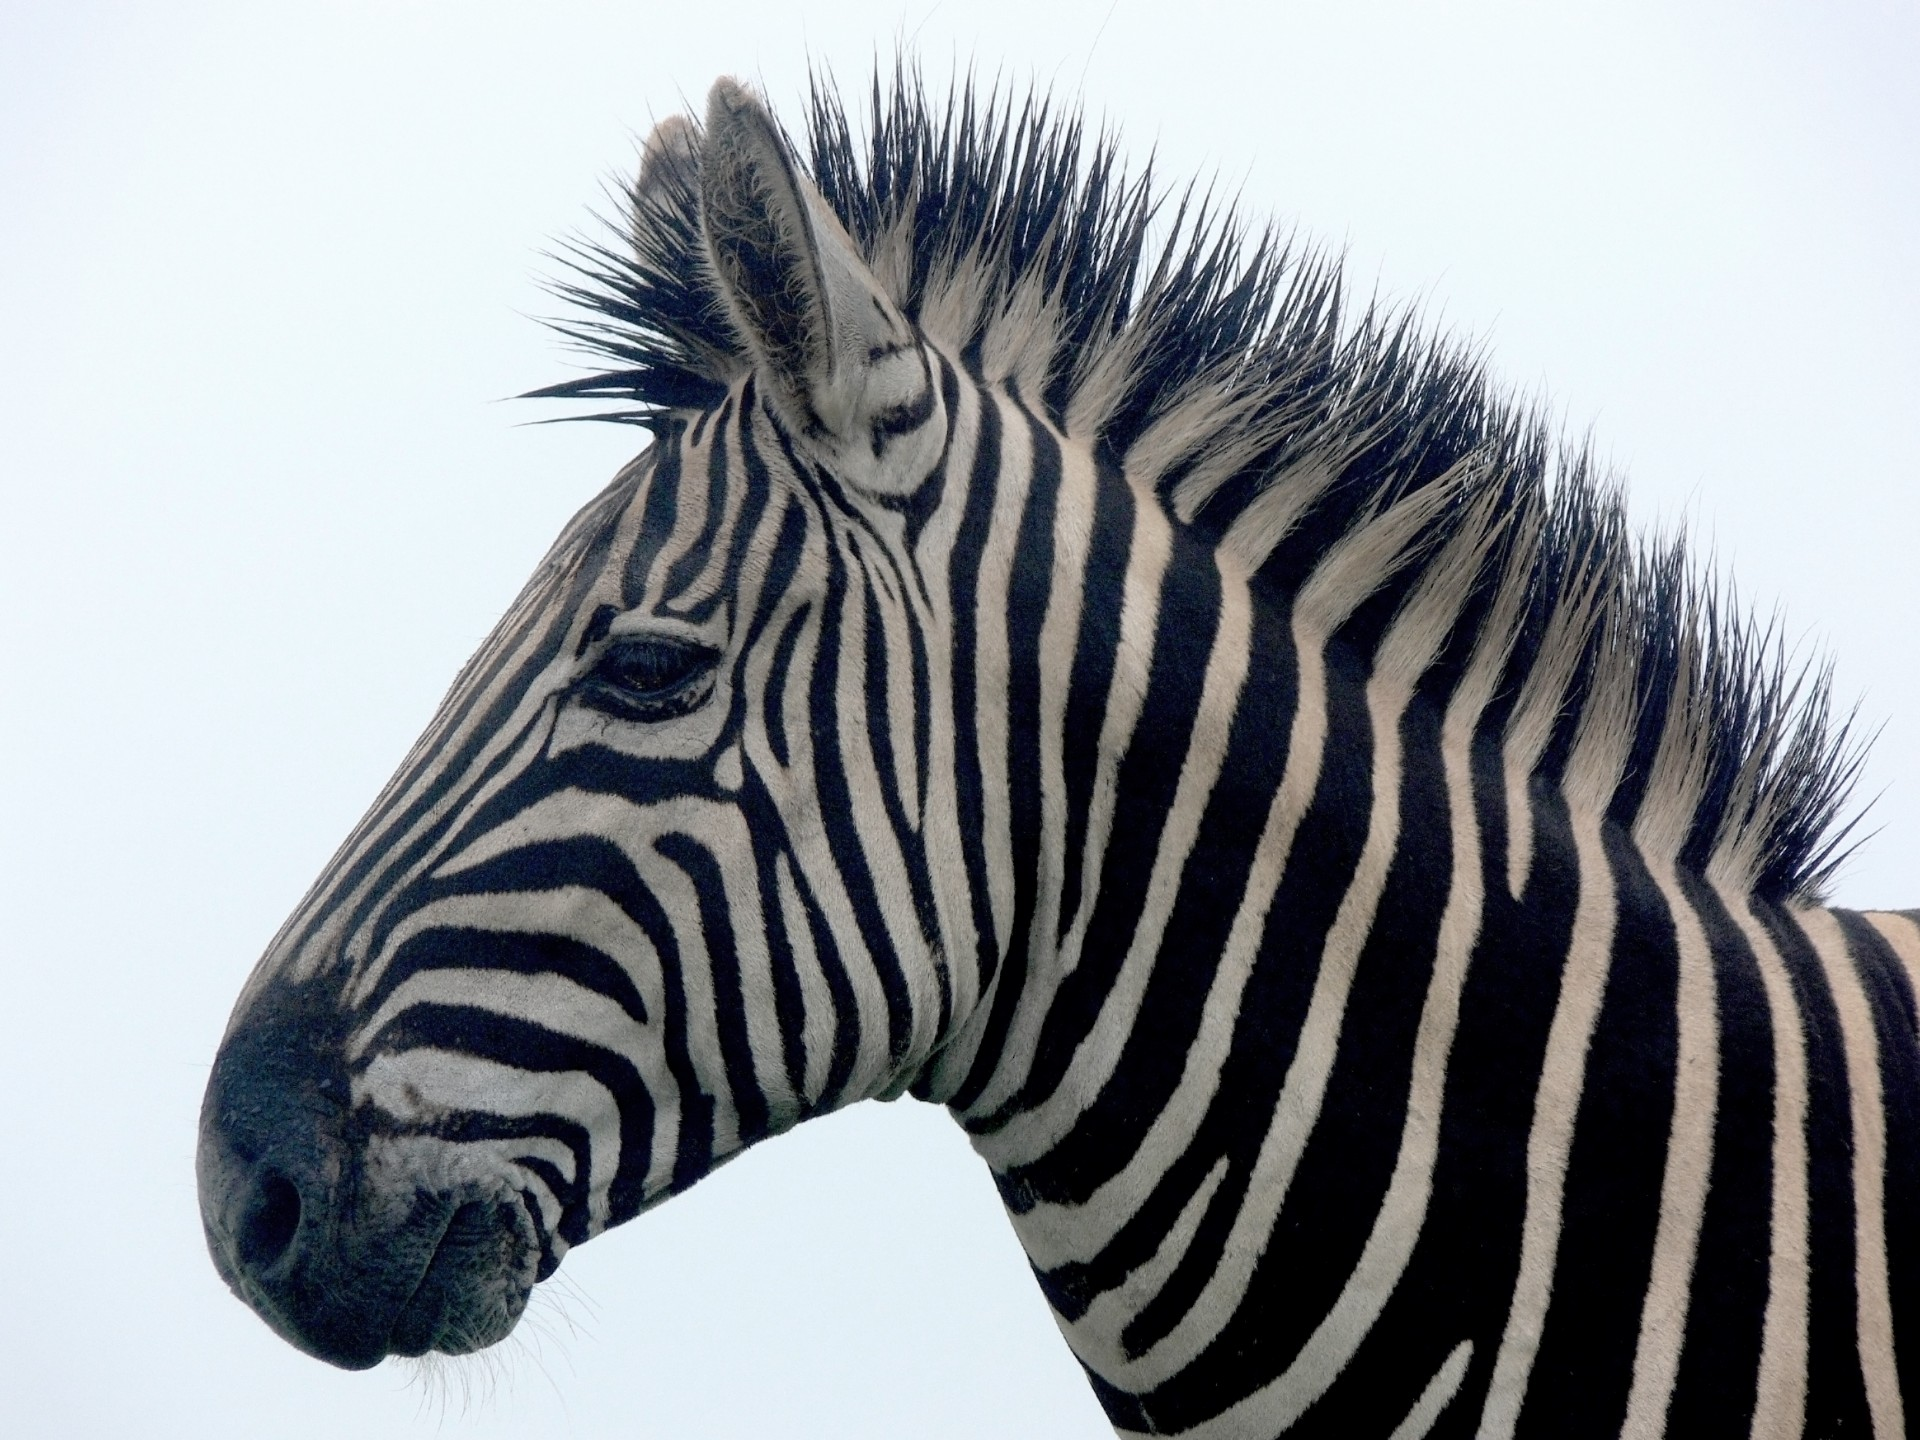 Zebra Portrait Close Up Free Stock Photo - Public Domain Pictures